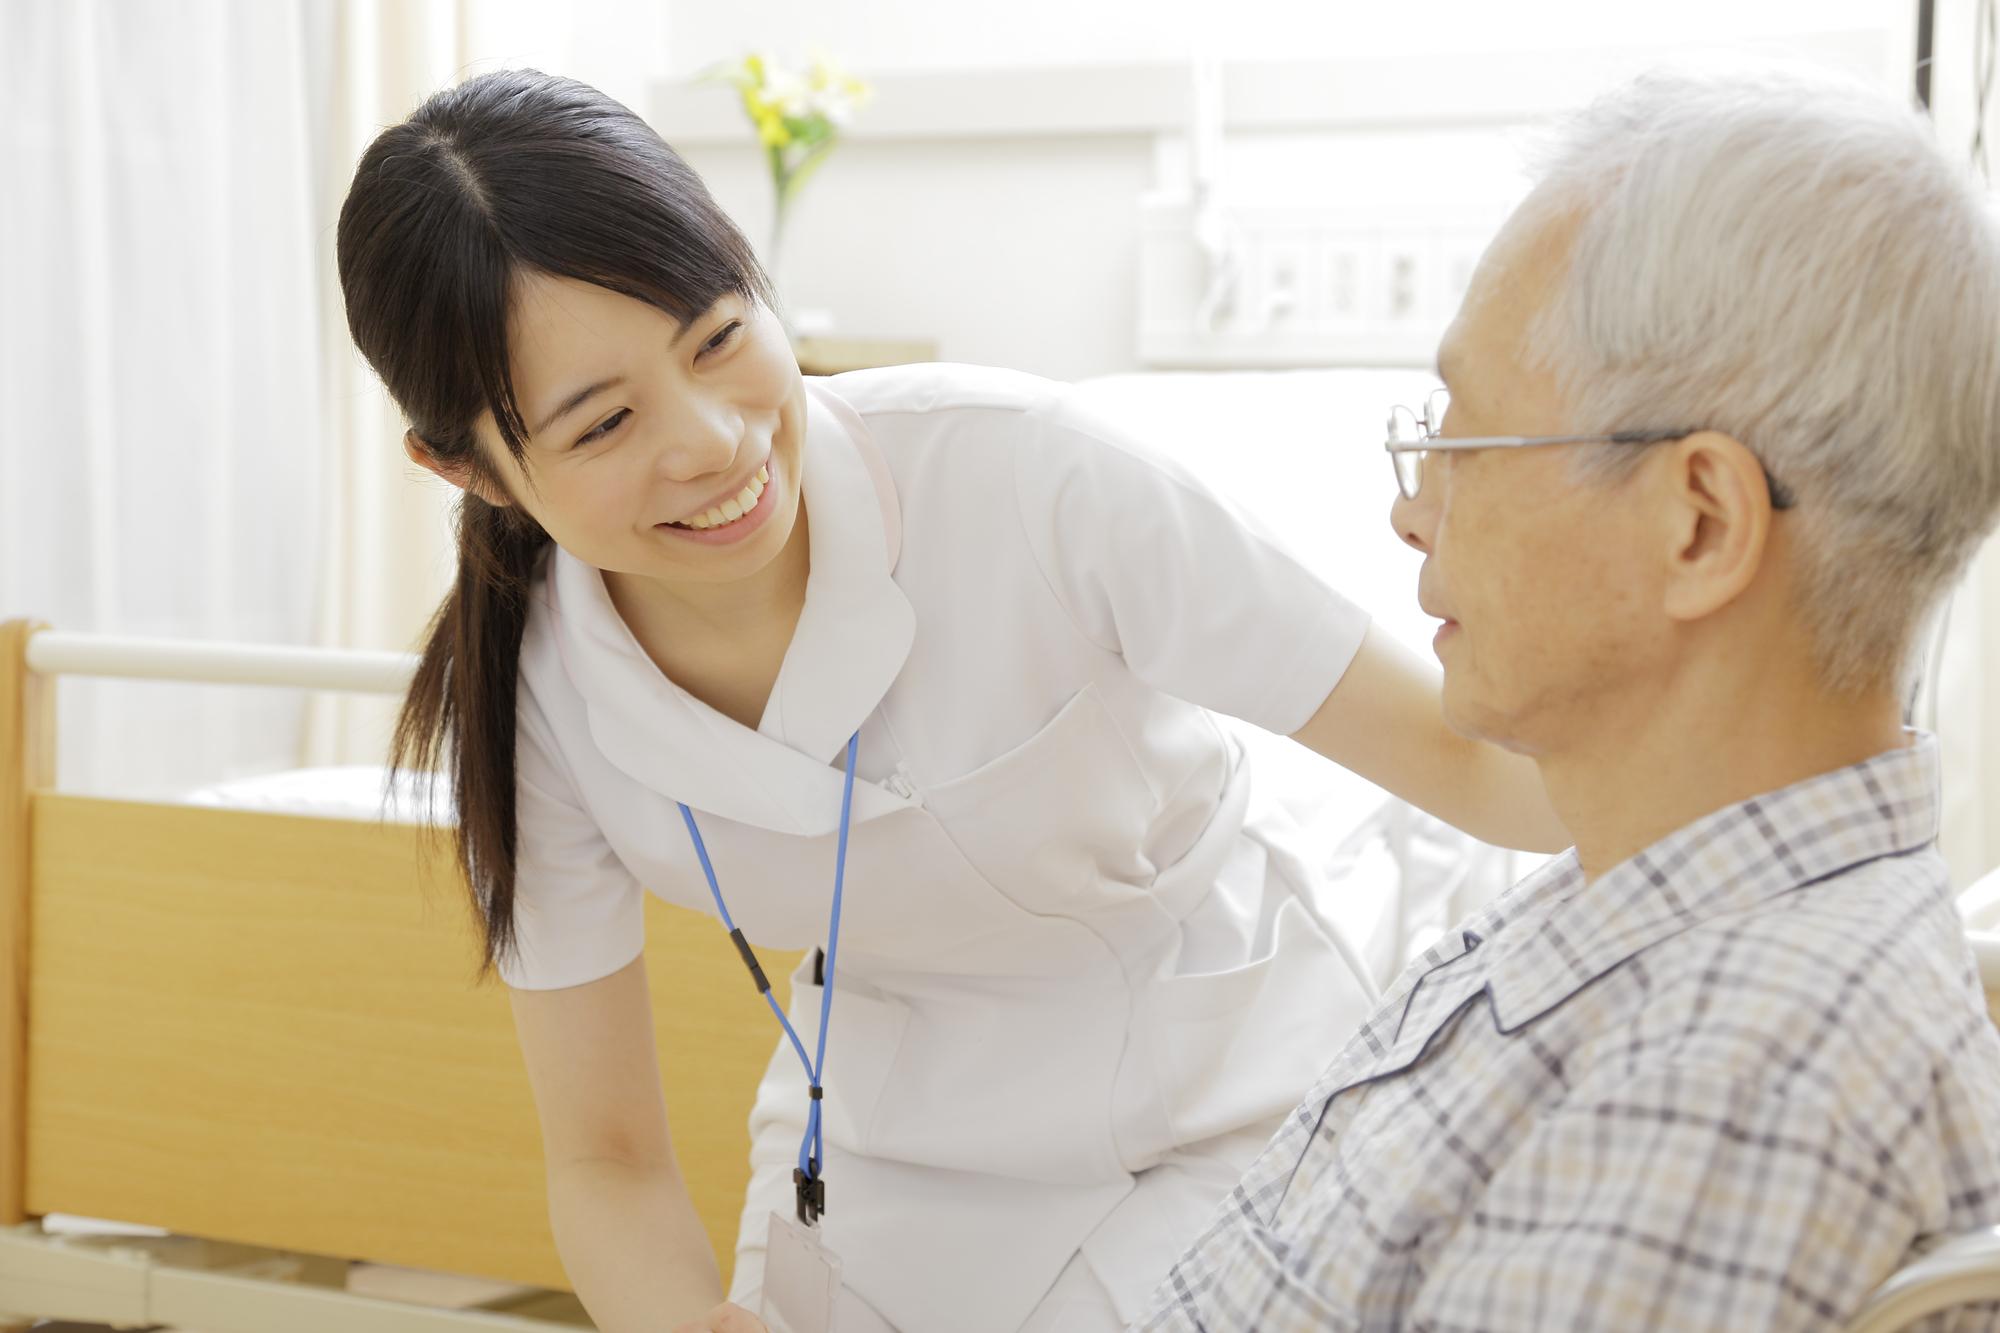 者 高齢 自立 の 日常 判定 度 認知 基準 生活 症